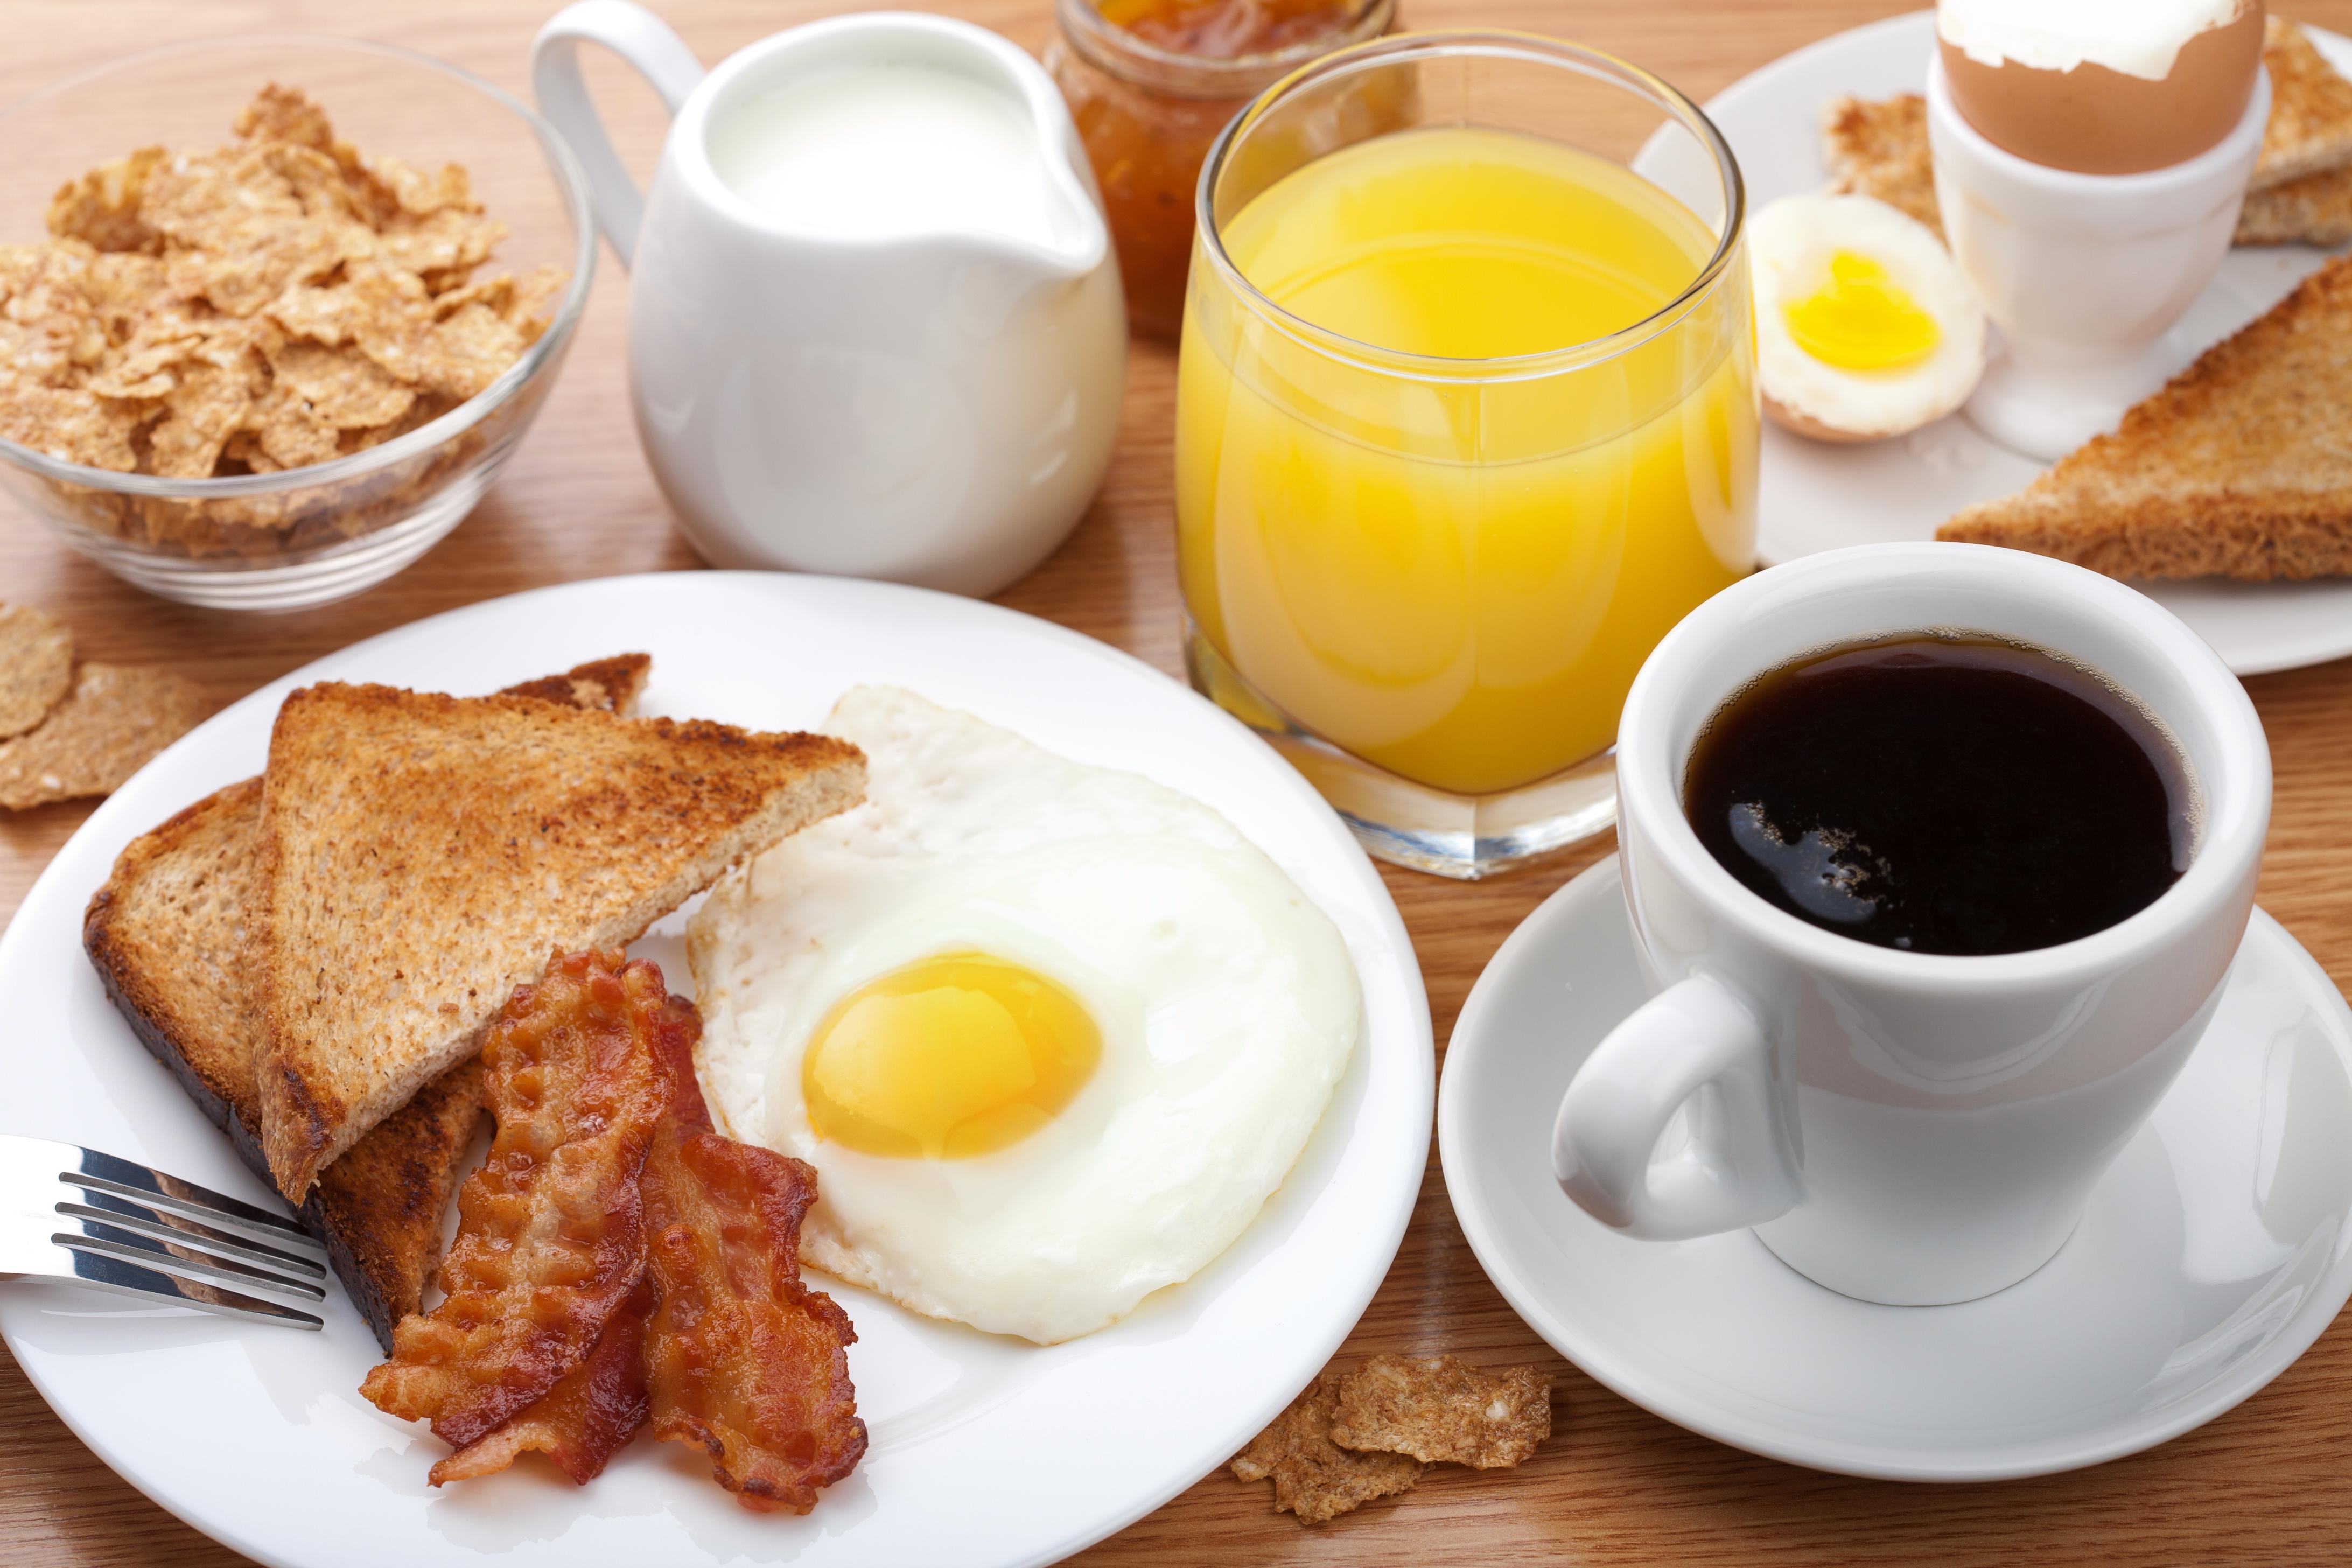 ilustrasi makanan untuk sarapan